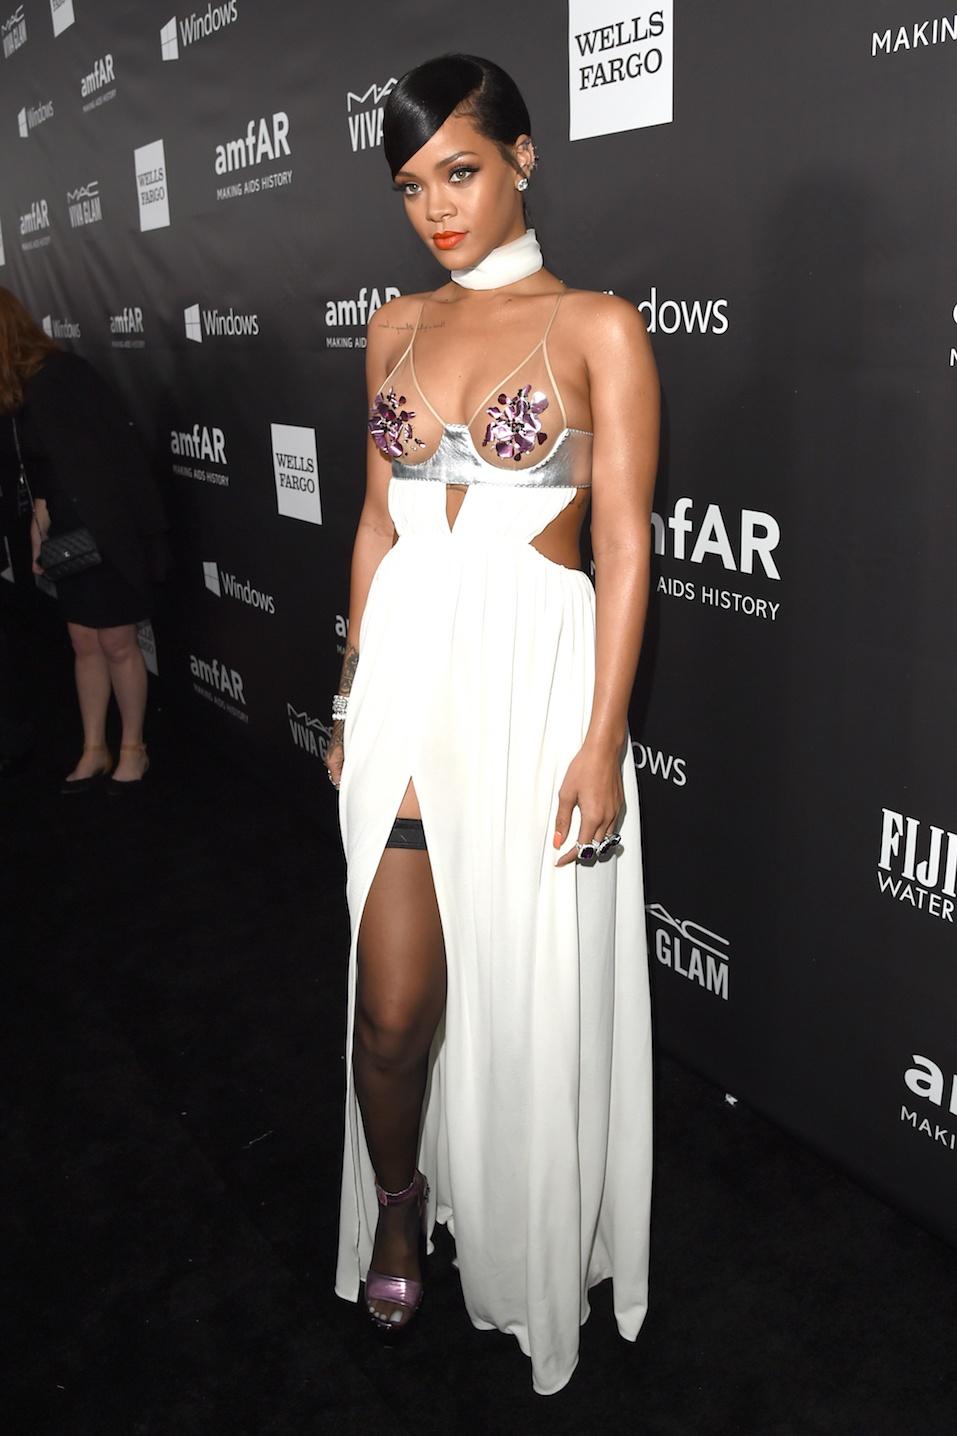 Rihanna attends amfAR LA Inspiration Gala honoring Tom Ford at Milk Studios